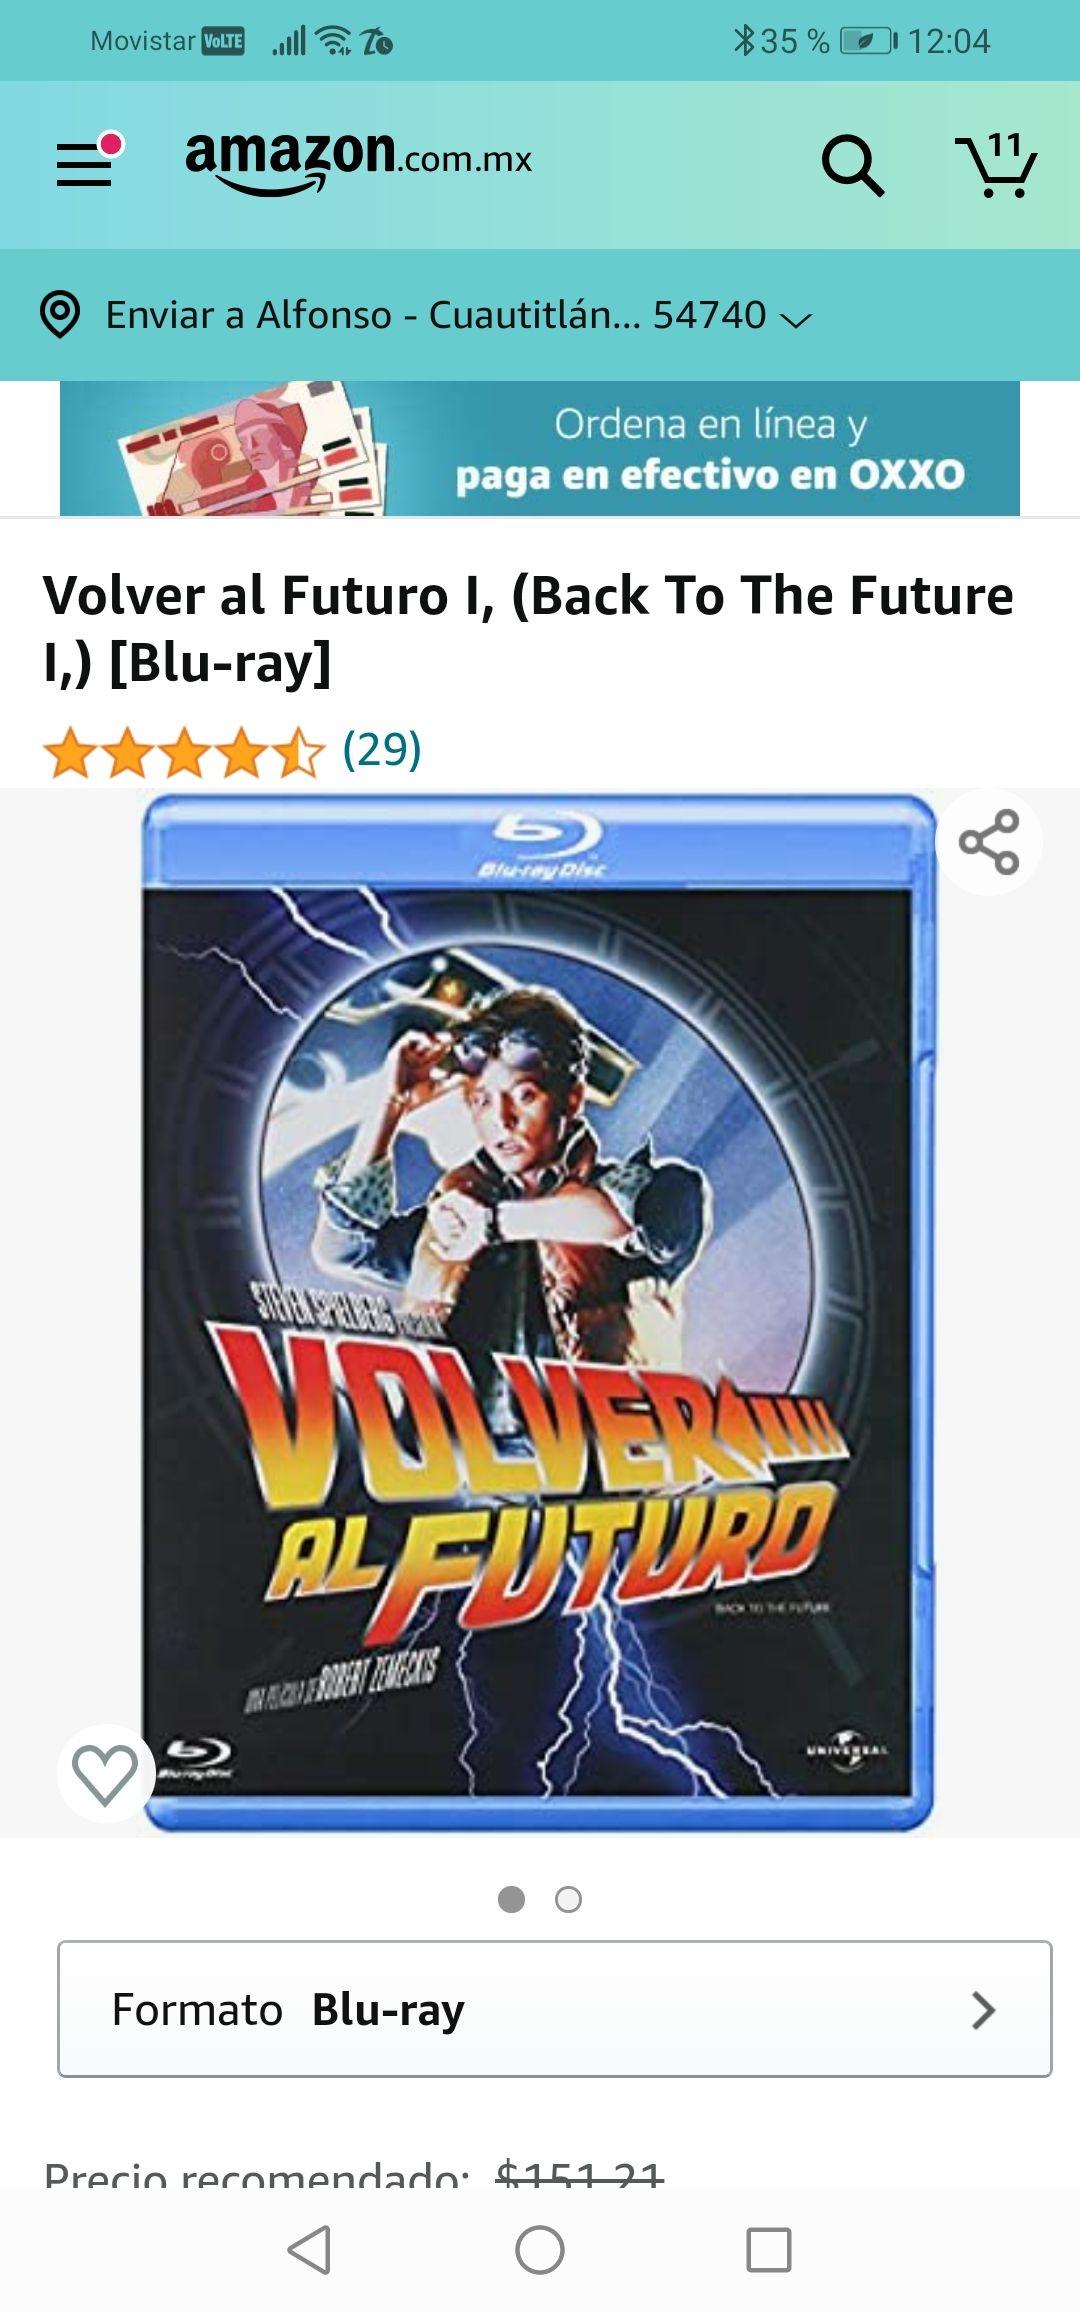 Amazon: Volver al Futuro I, (Back To The Future I,) [Blu-ray]